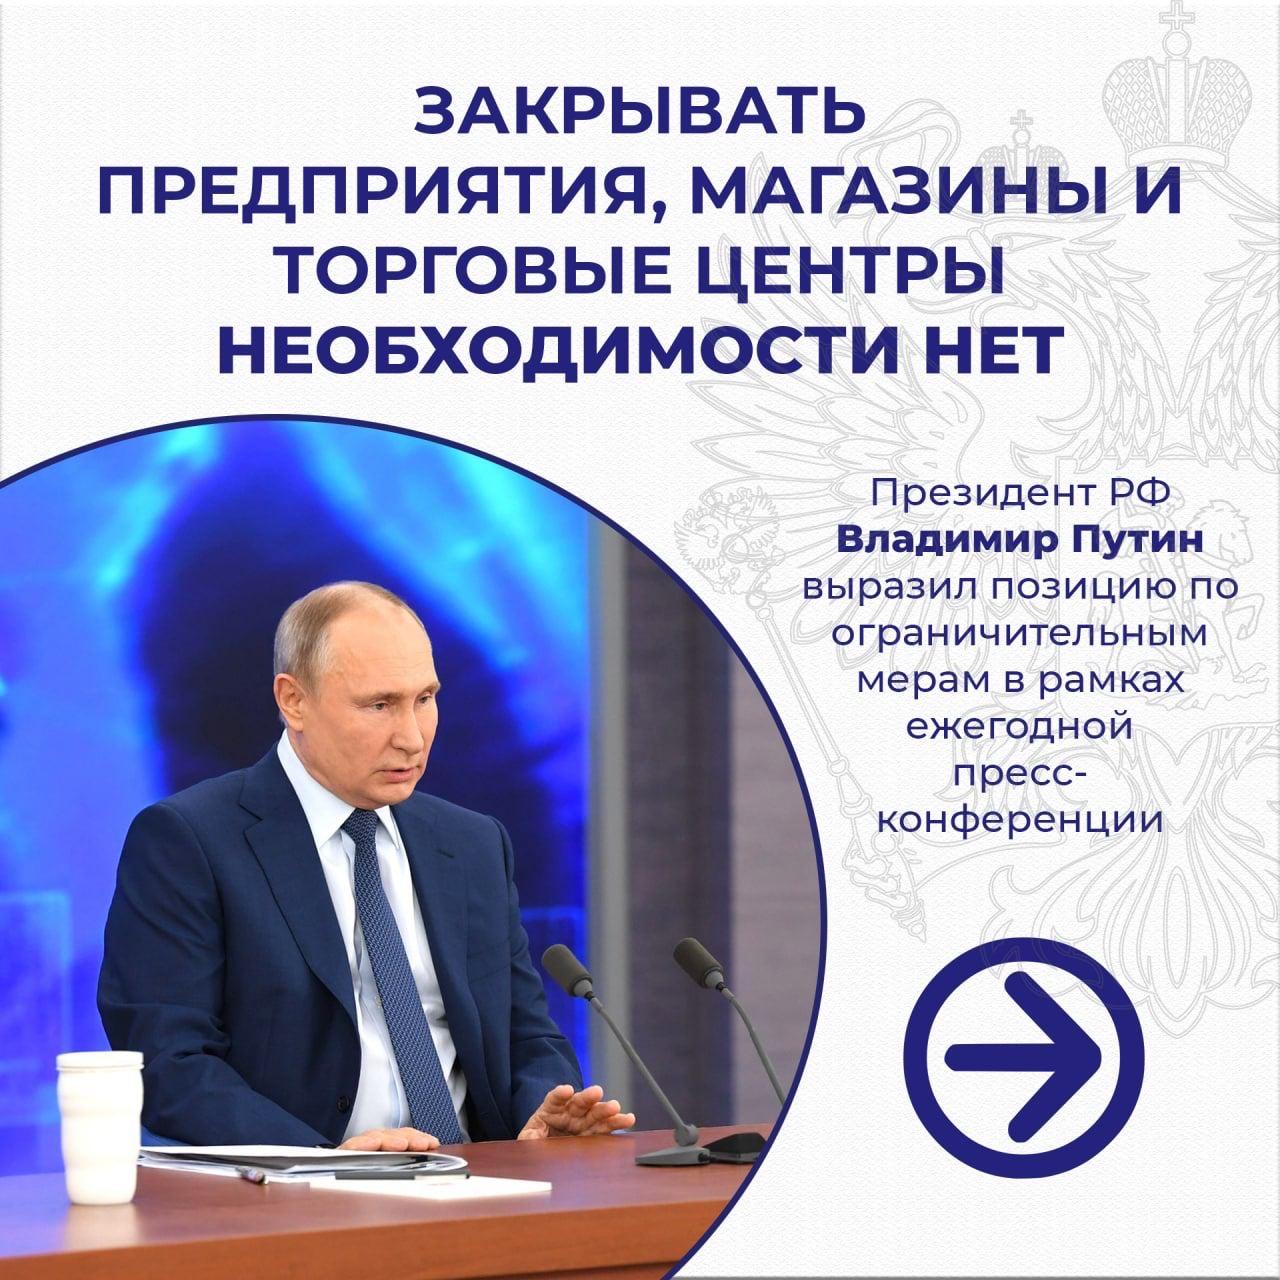 На ежегодной пресс-конференции Владимиру Путину задали вопрос о целесообразности введения полного запрета на посещение общественных мест